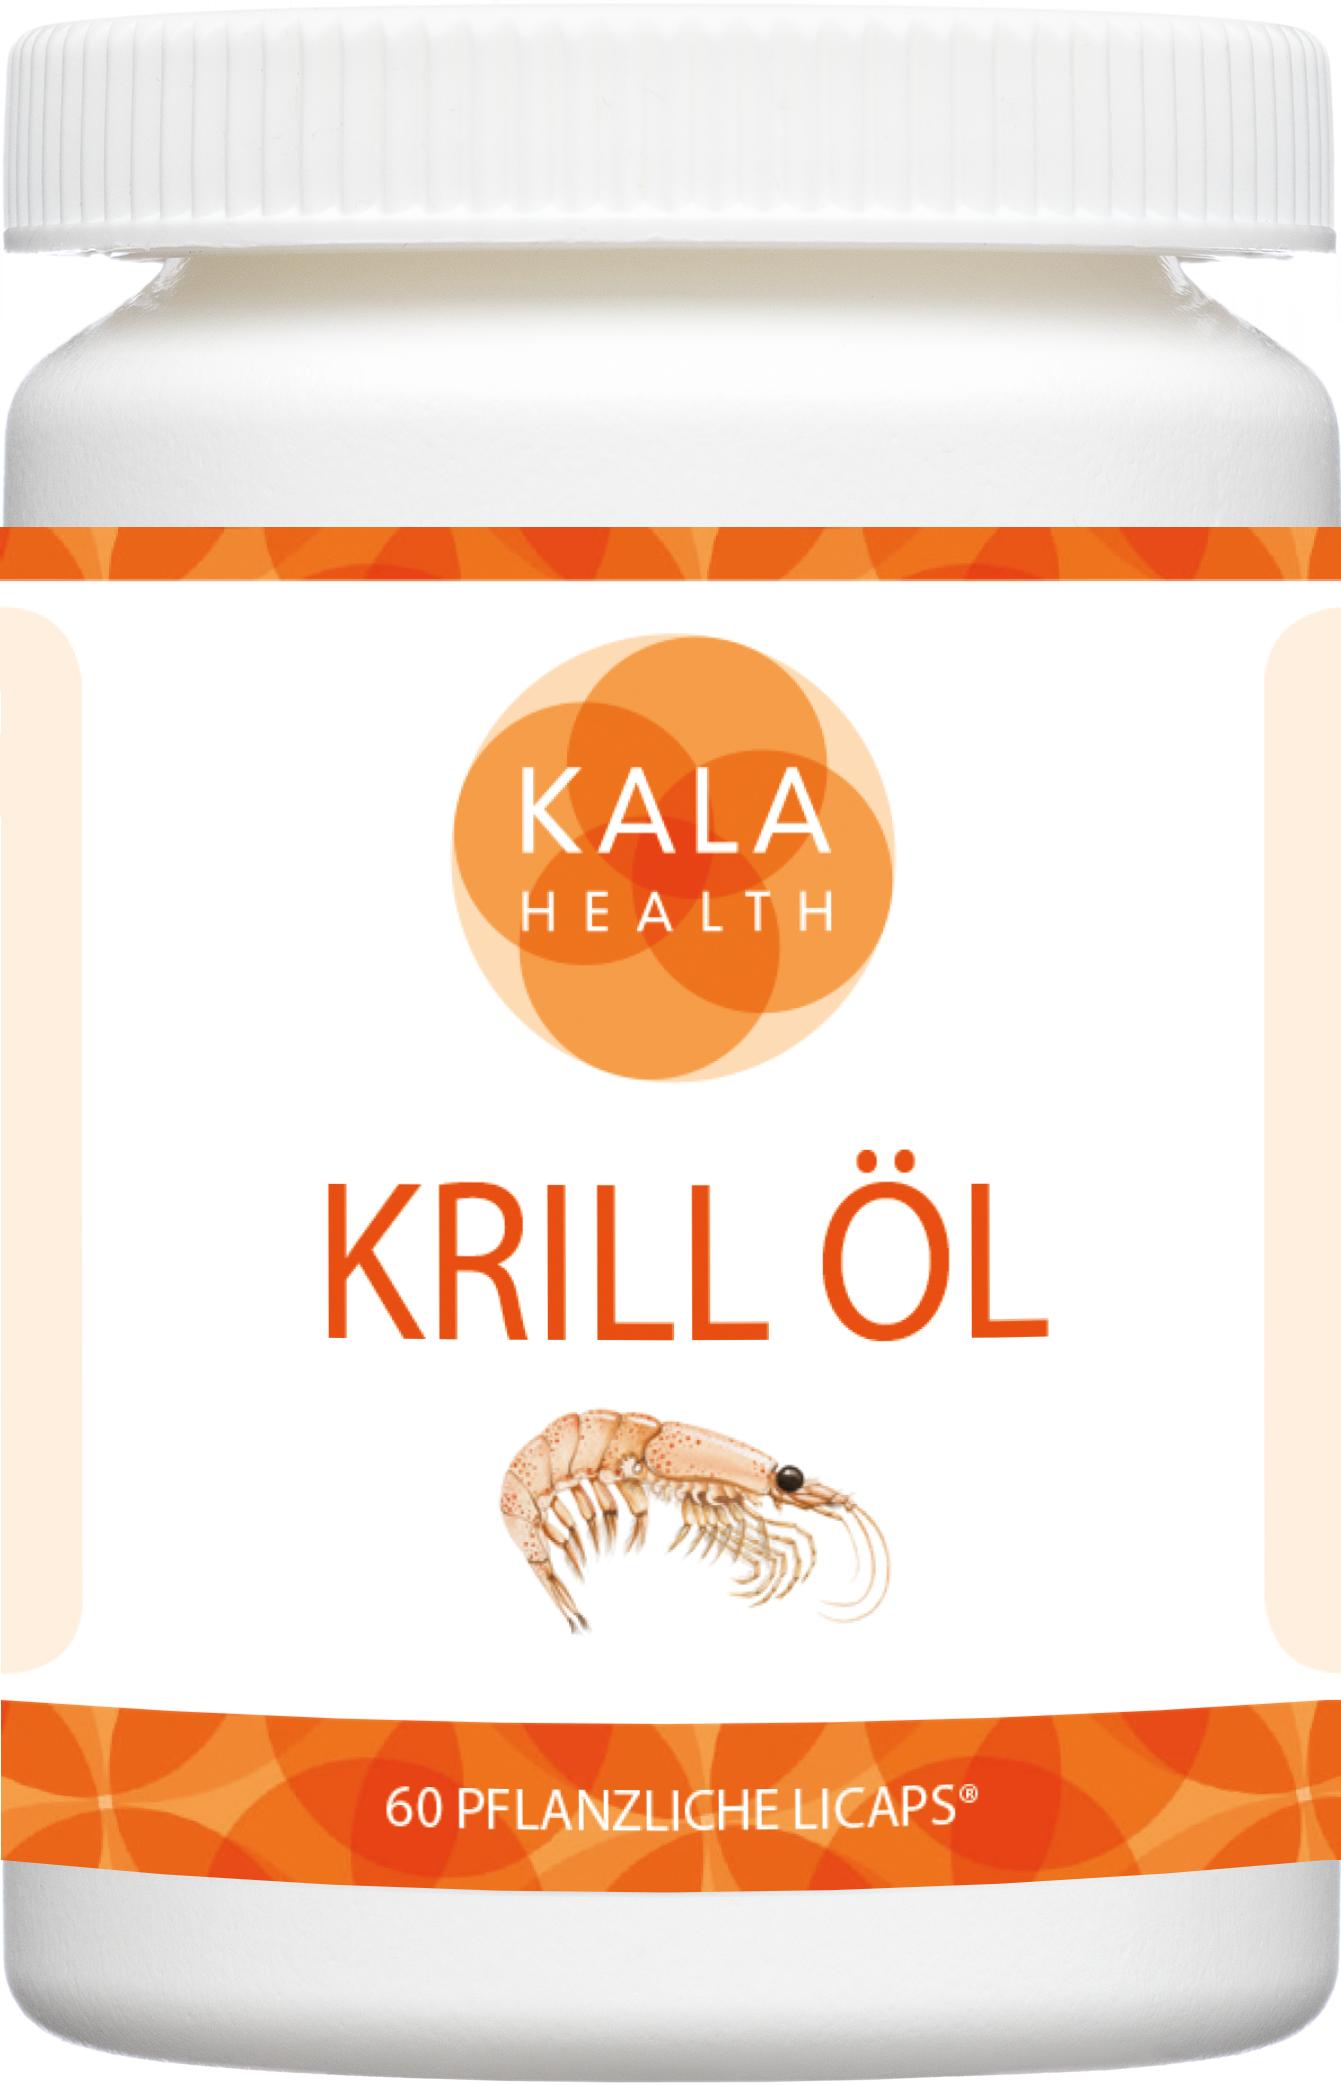 Rimfrost Krill Öl 60 pflanzliche Licaps